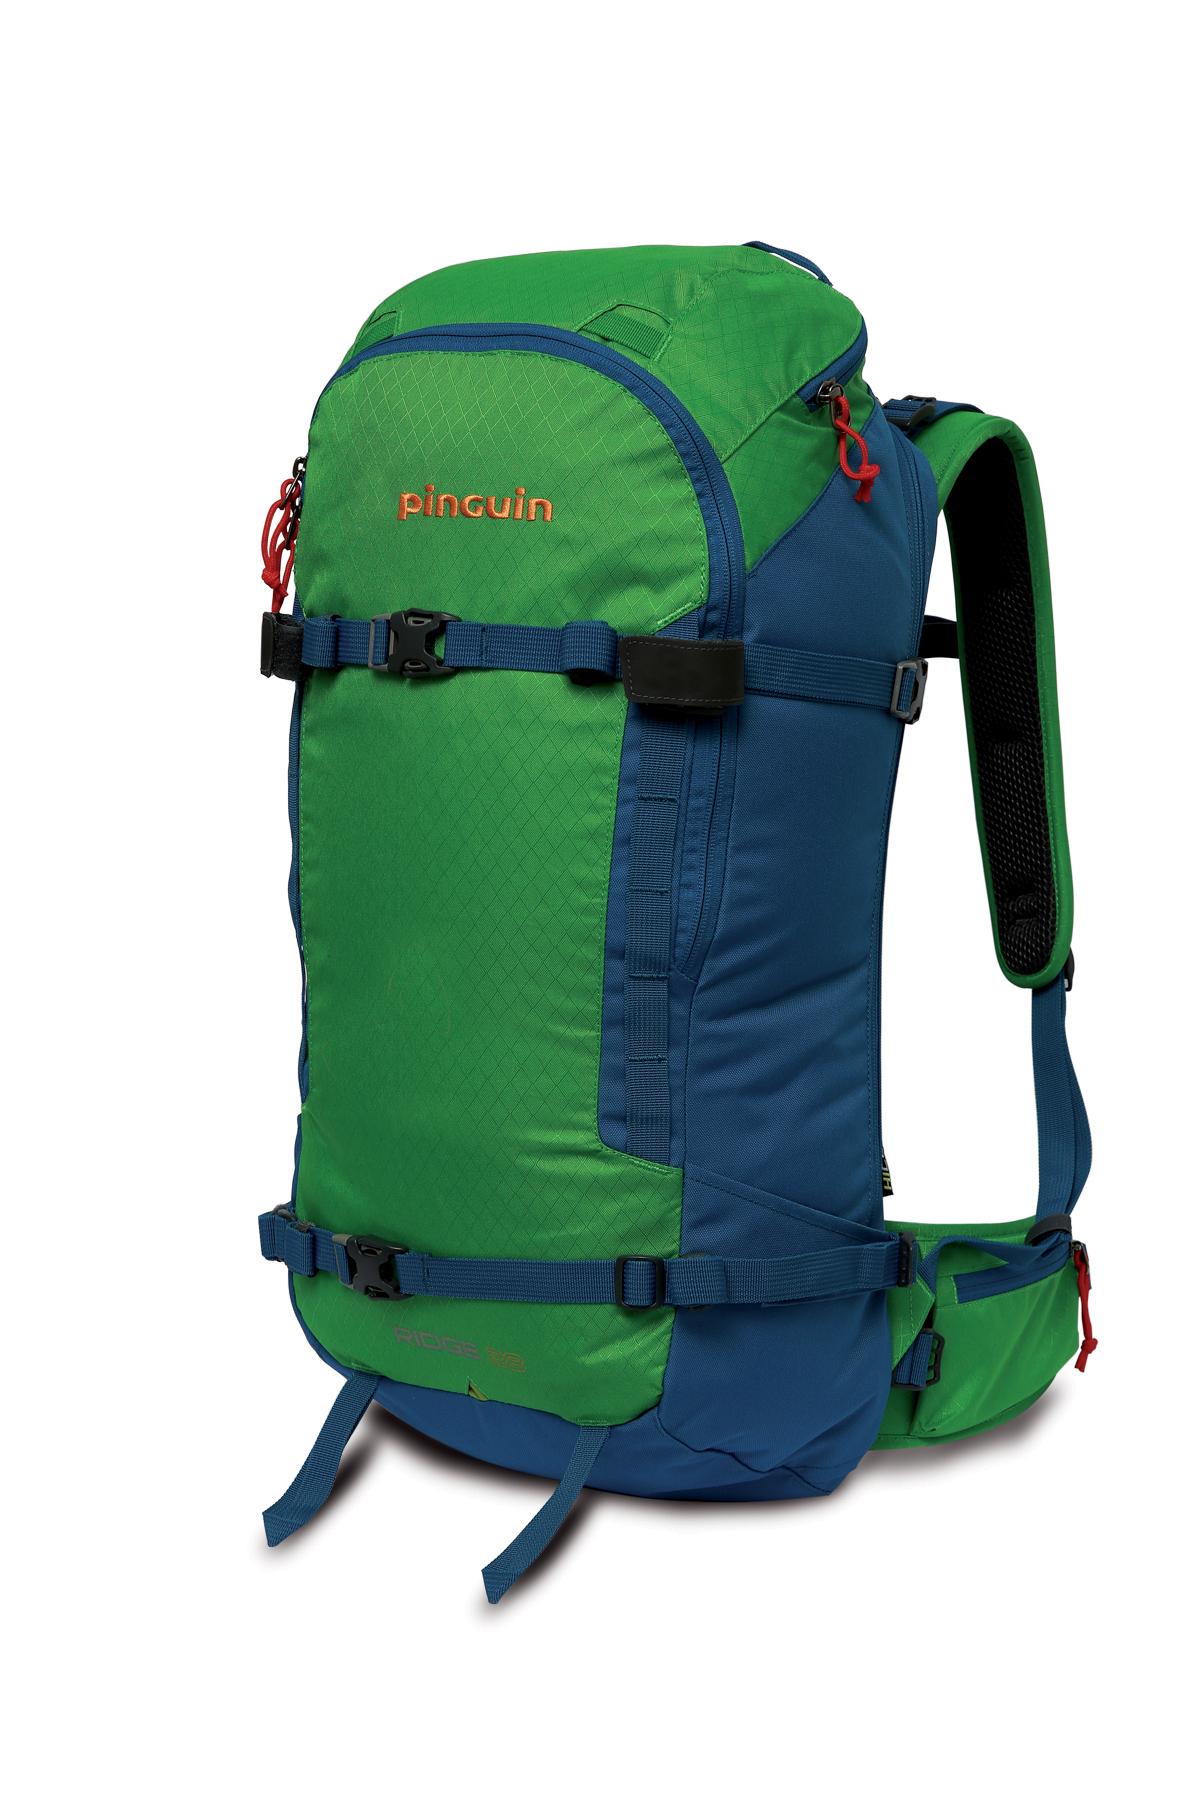 67d00145b6 Prostorná zipová kapsa v horní části batohu s vnitřní samostatnou zipovou  kapsou na doklady. Pláštěnka ve výrazné barvě s velkým reflexním potiskem v  ...